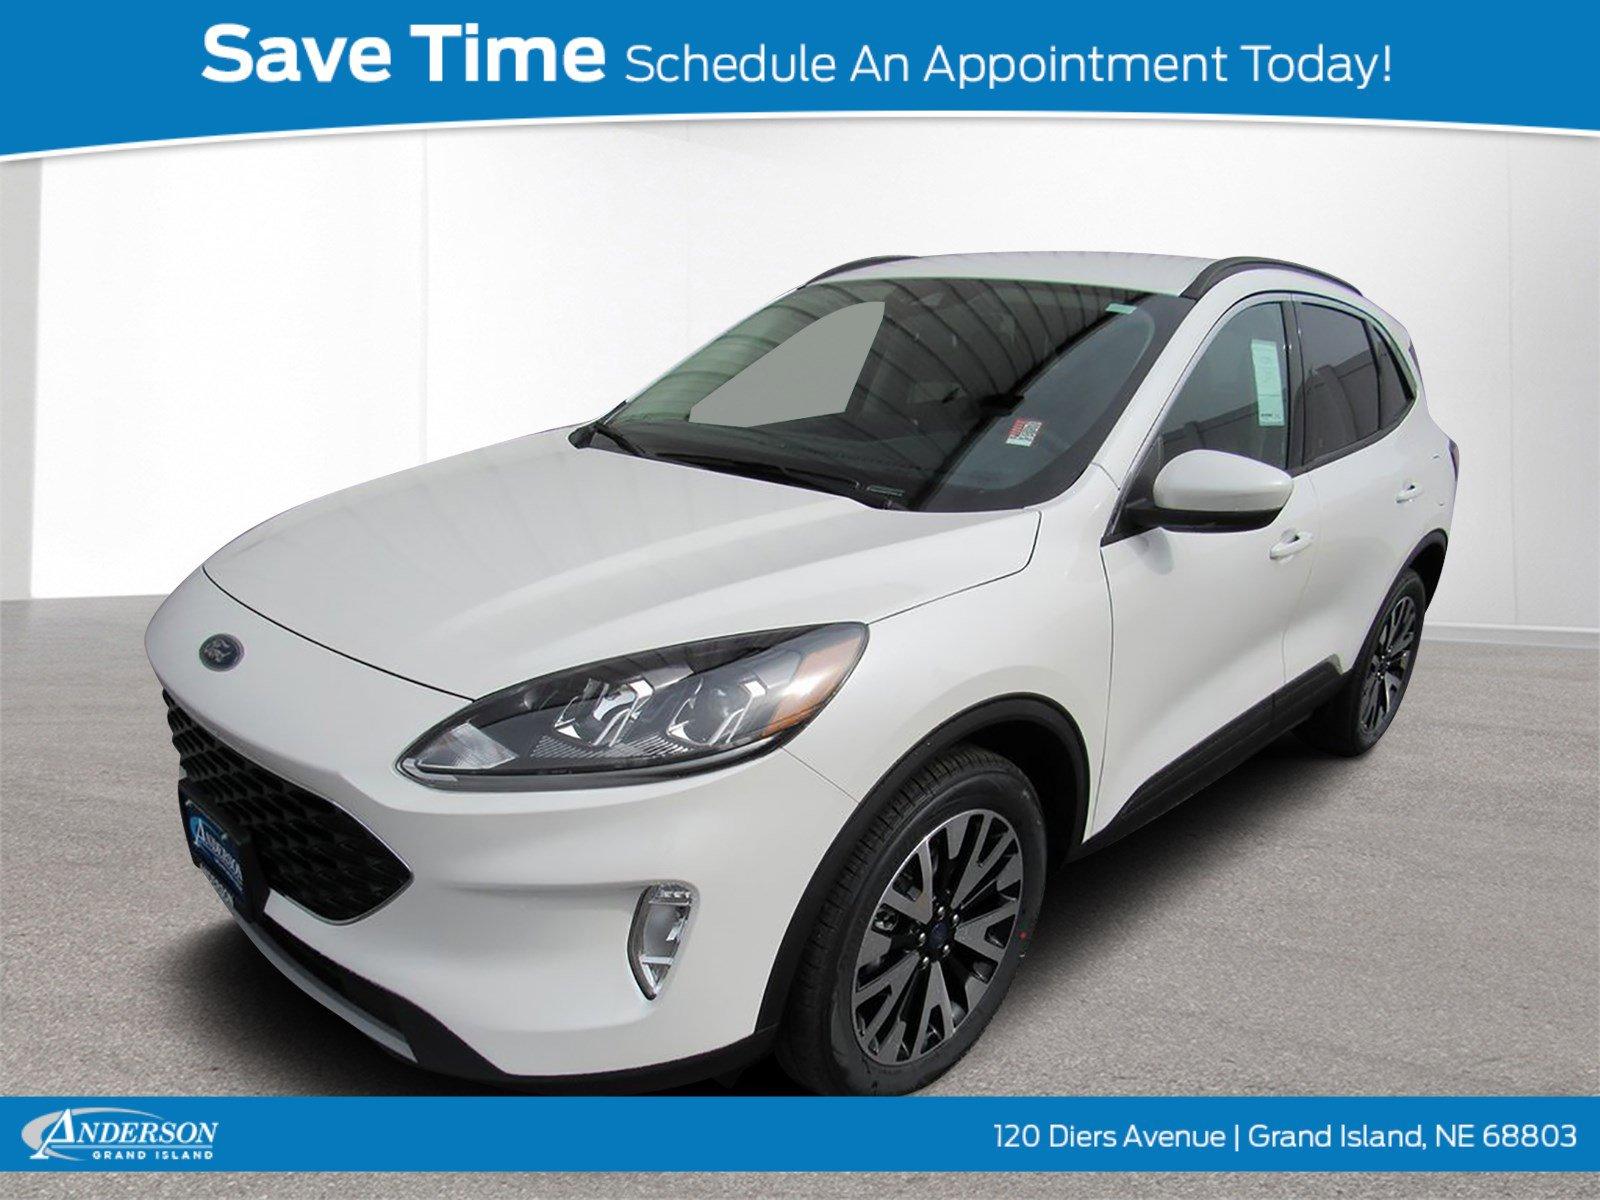 New 2020 Ford Escape SEL 4D Sport Utility for sale in Grand Island NE